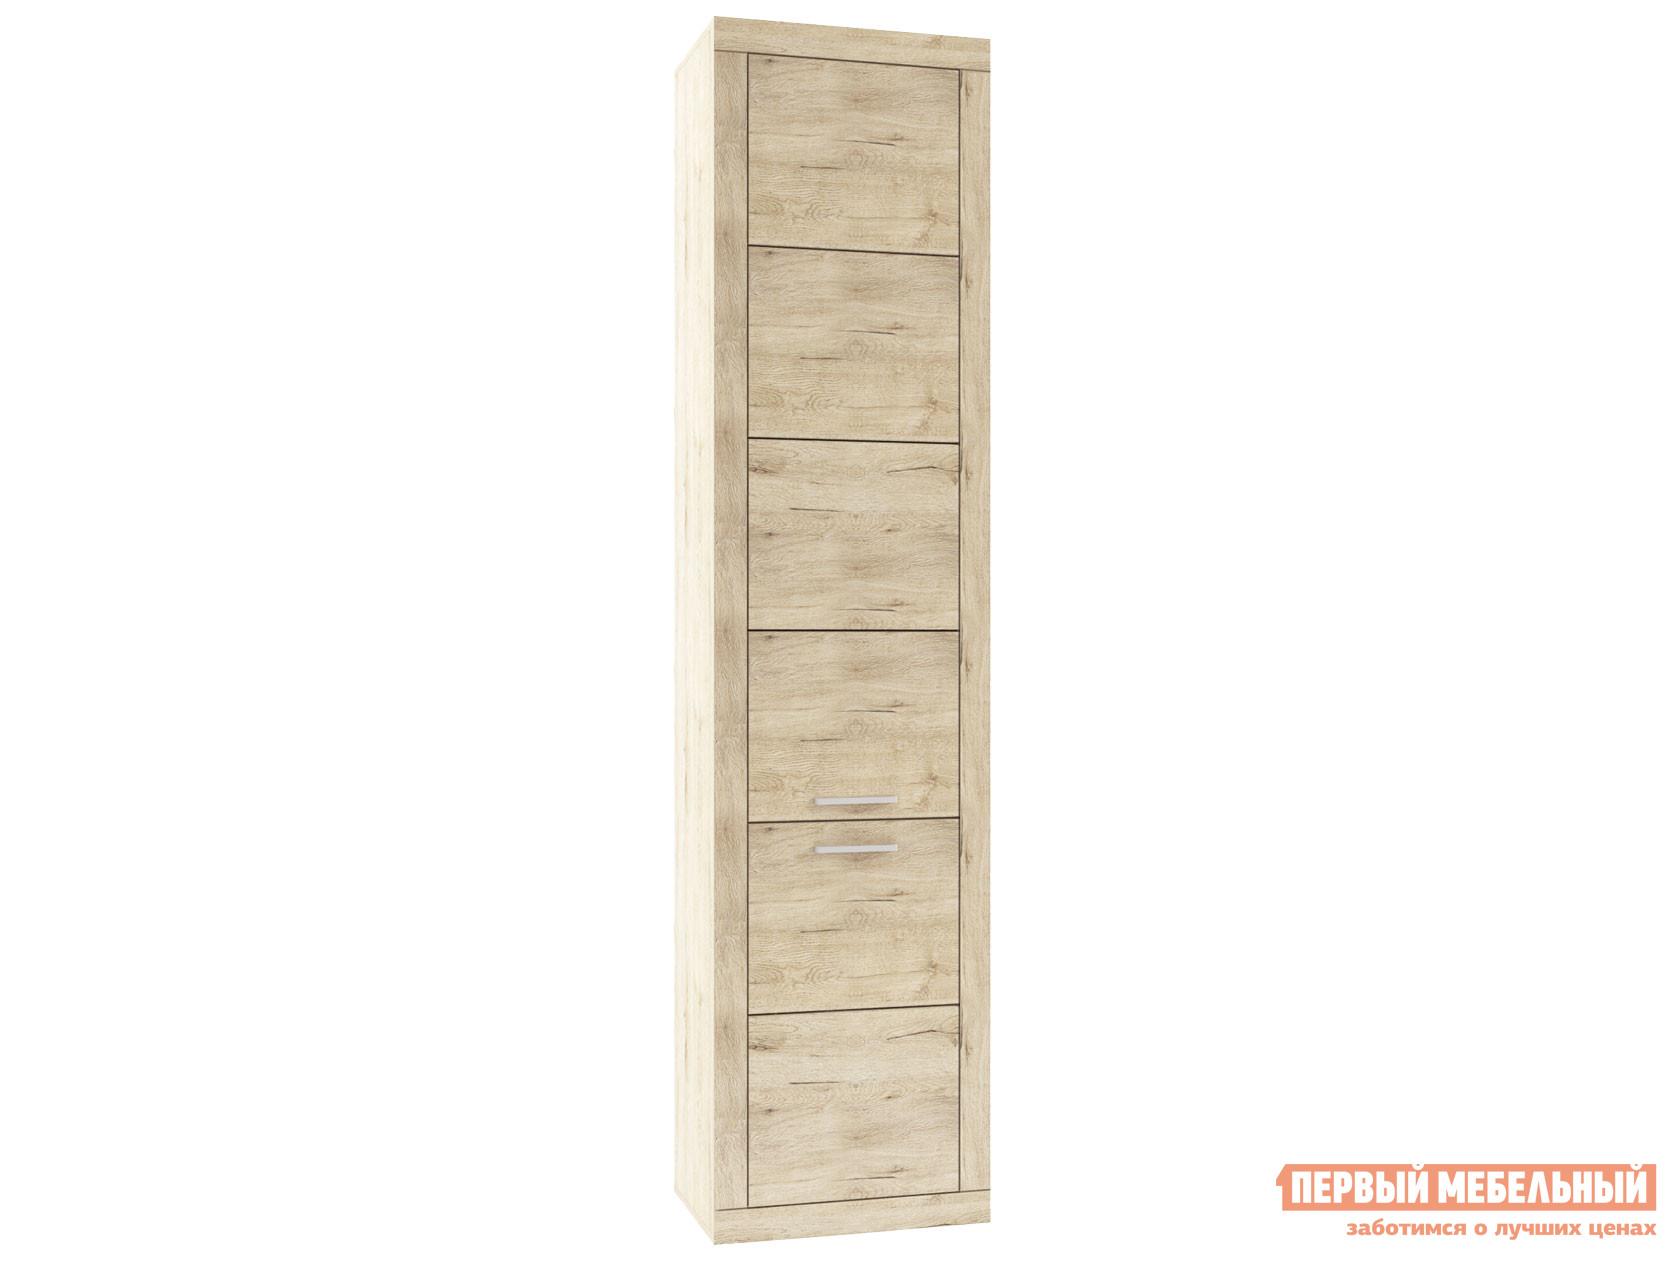 Шкаф распашной Первый Мебельный Пенал 2 двери Оскар шкаф пенал первый мебельный пенал оскар 7 со штангой